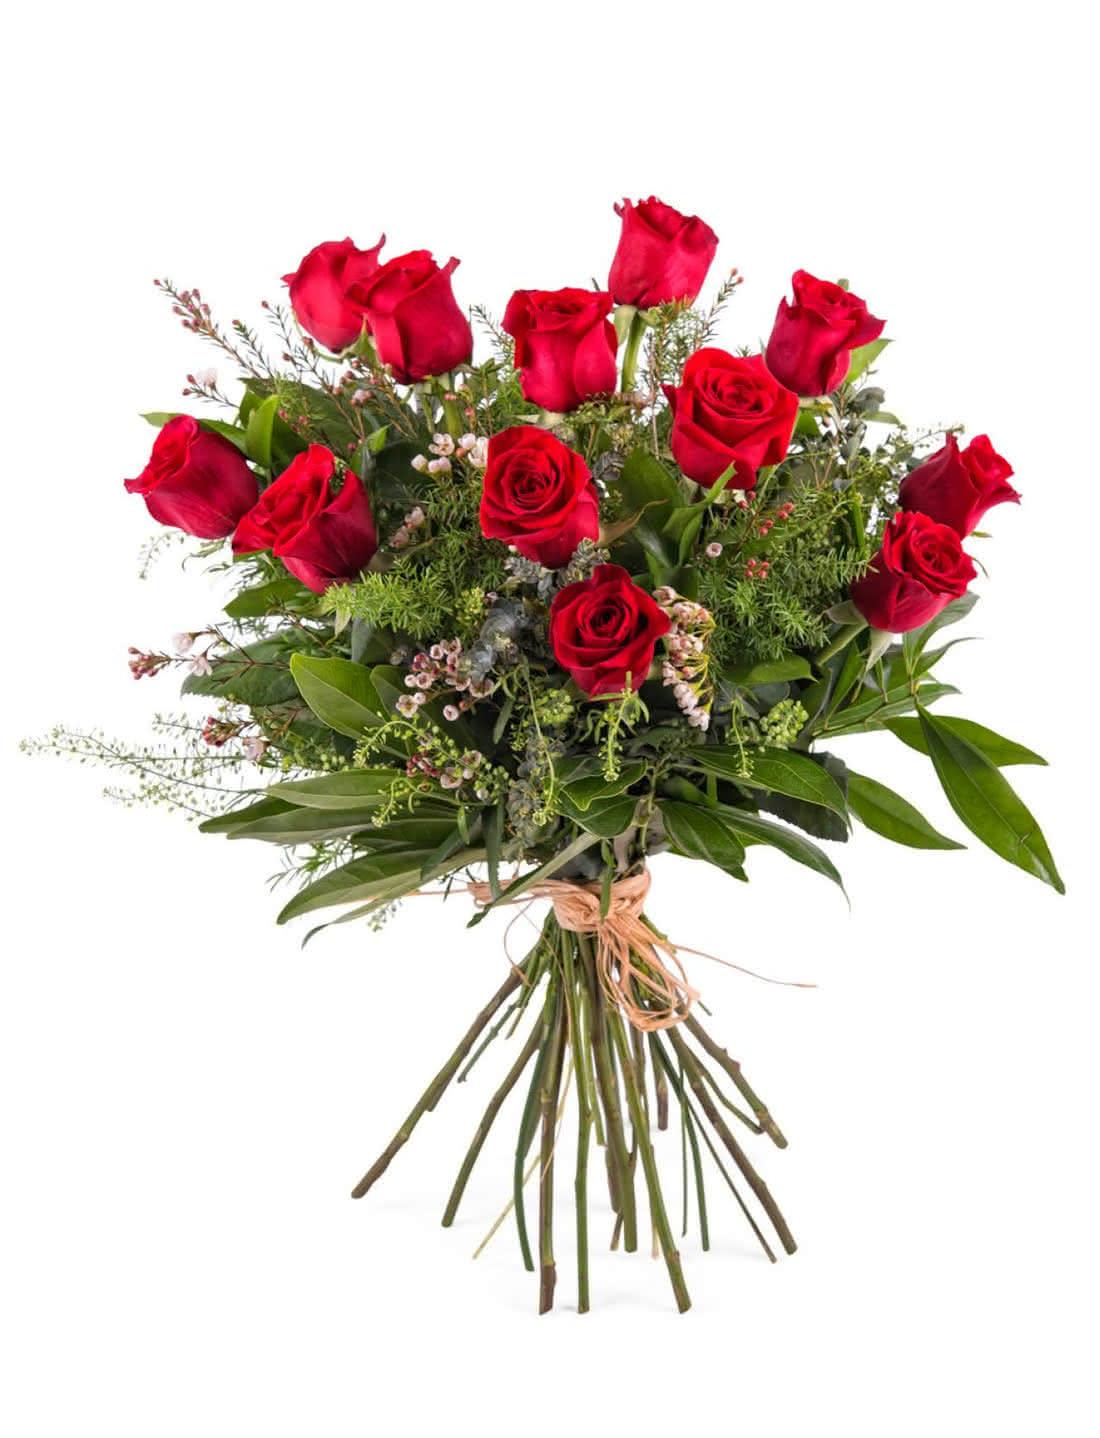 Rosas vermelhas para declarar o seu amor no dia 14 de fevereiro